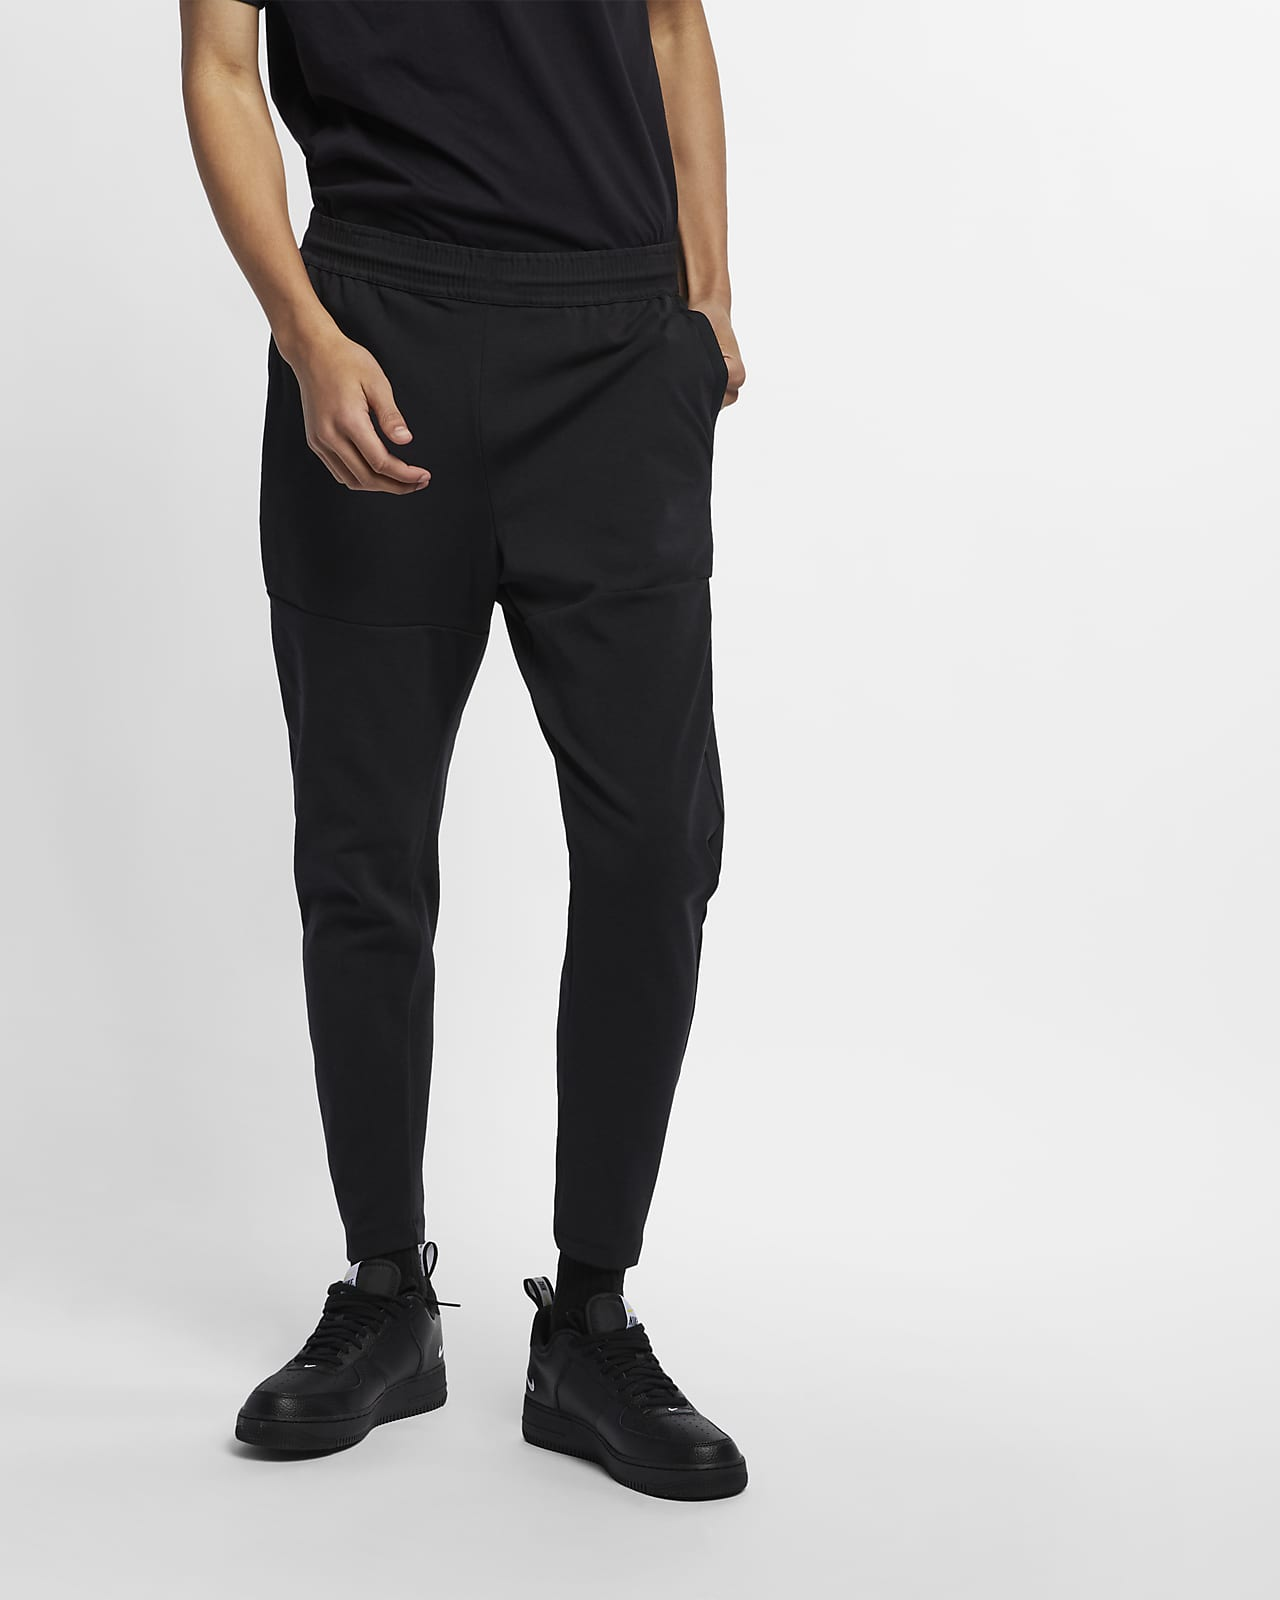 Nike Sportswear Tech Pack 男子针织长裤